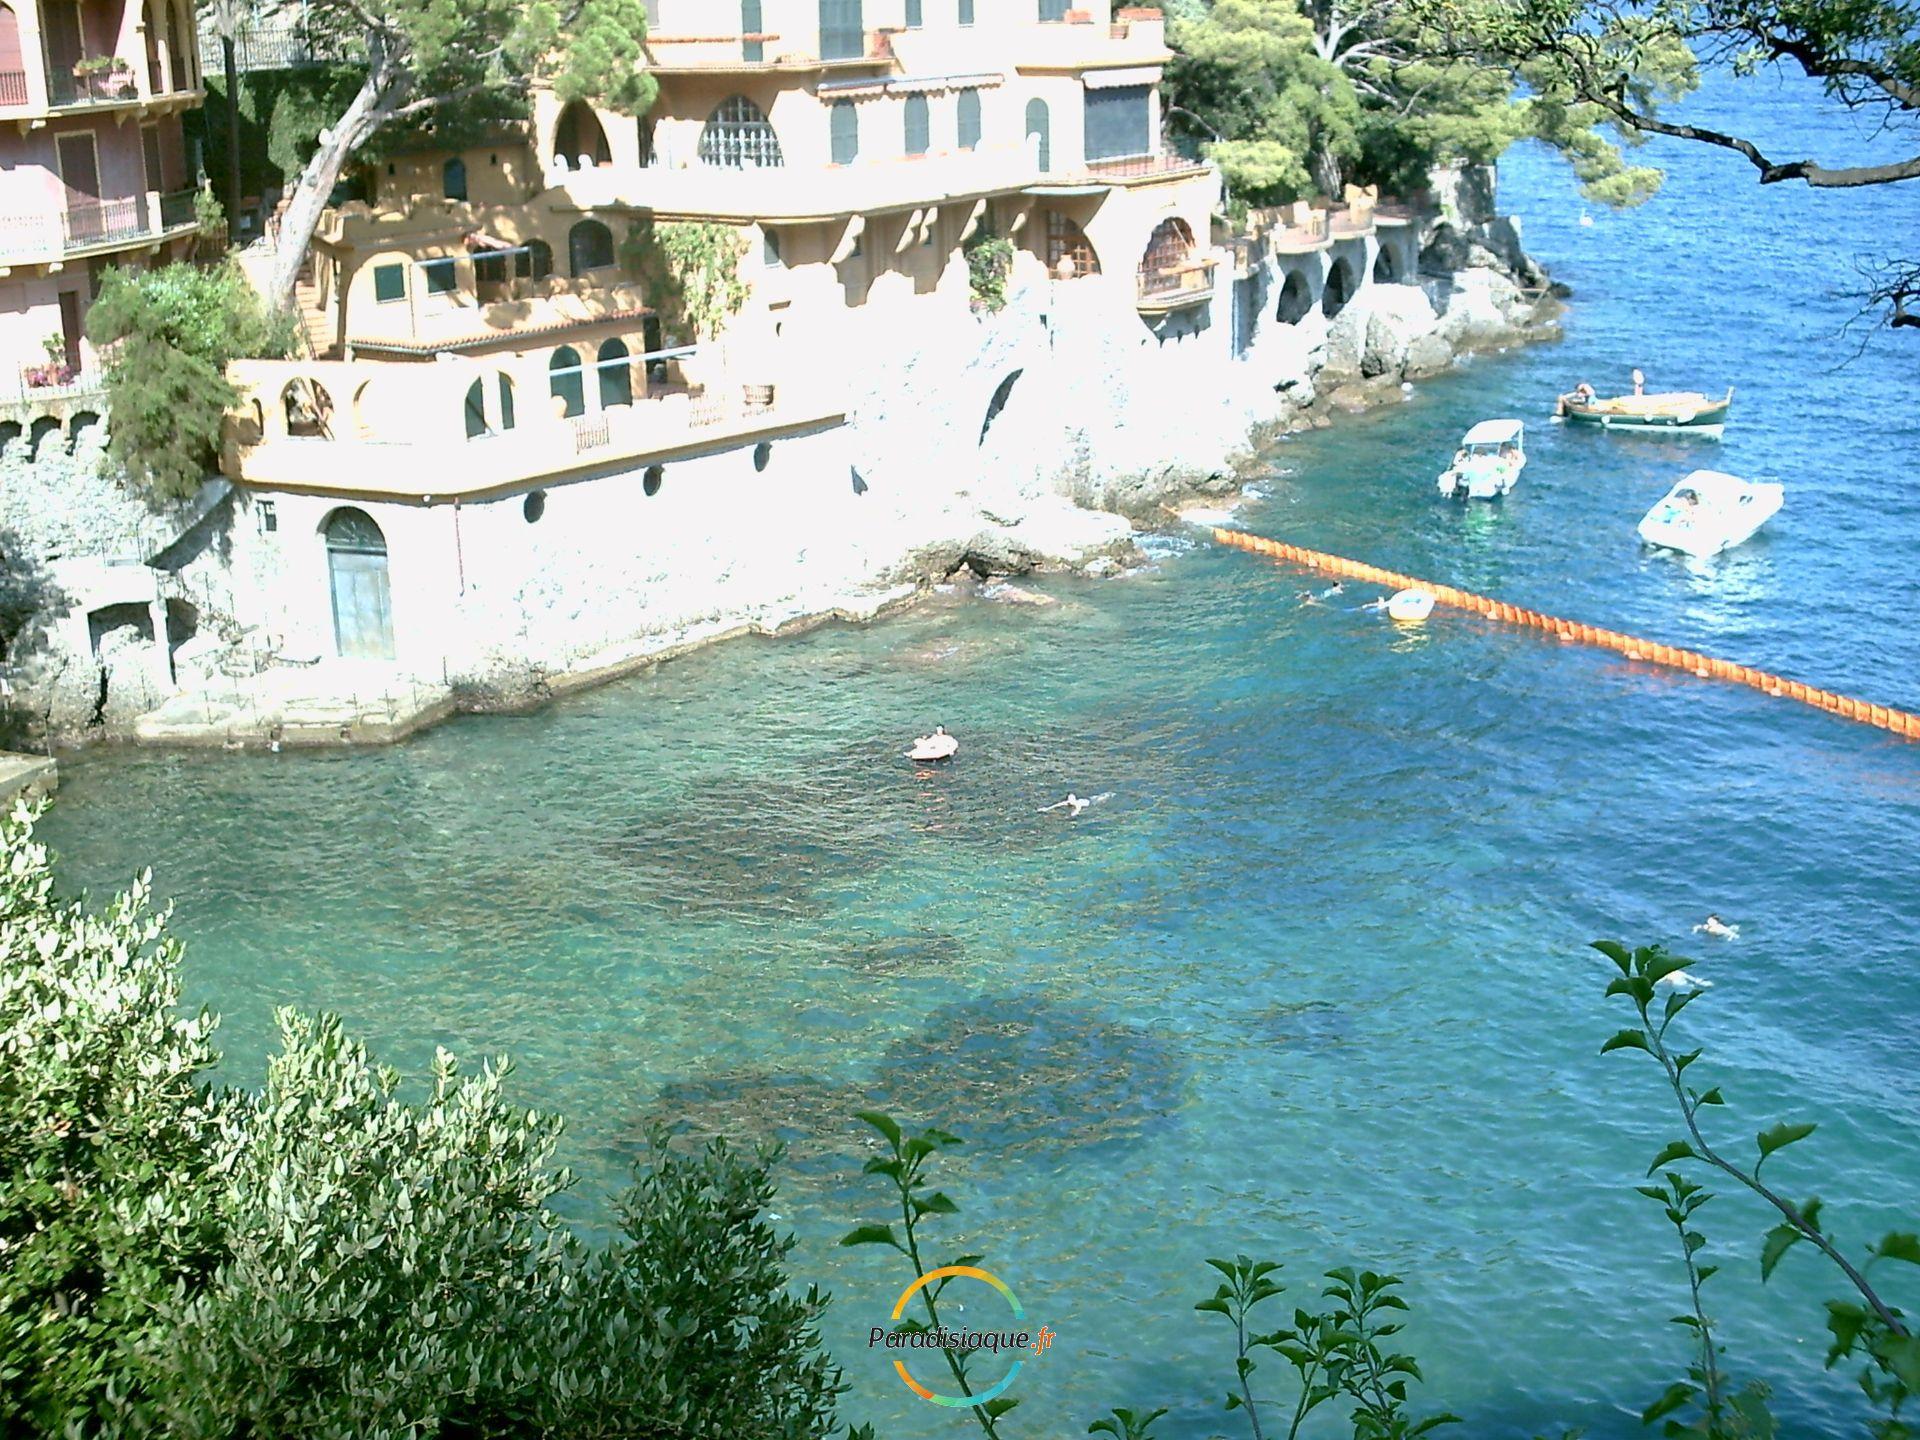 Séjour à Gênes et Portofino en Ligurie